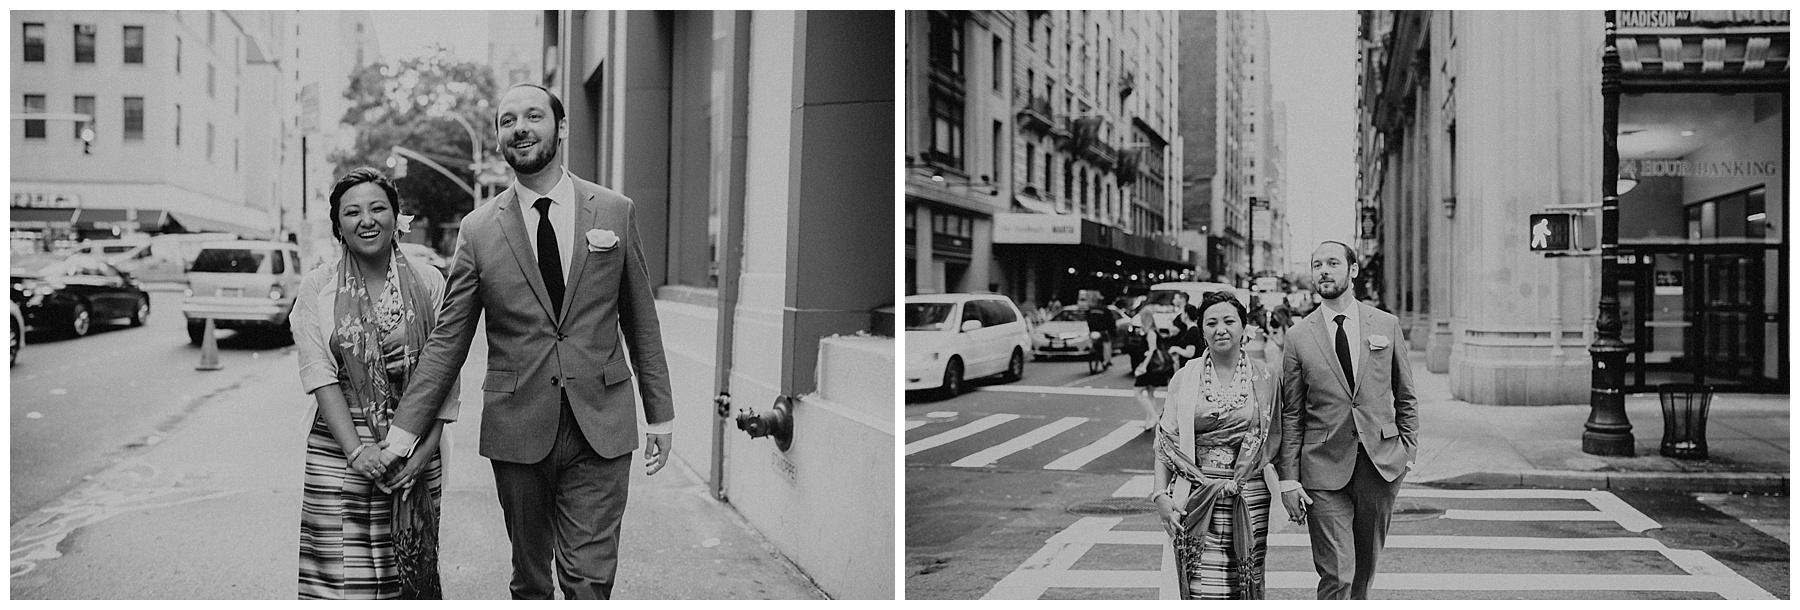 New York City Wedding New York City Wedding Photographer-126.jpg